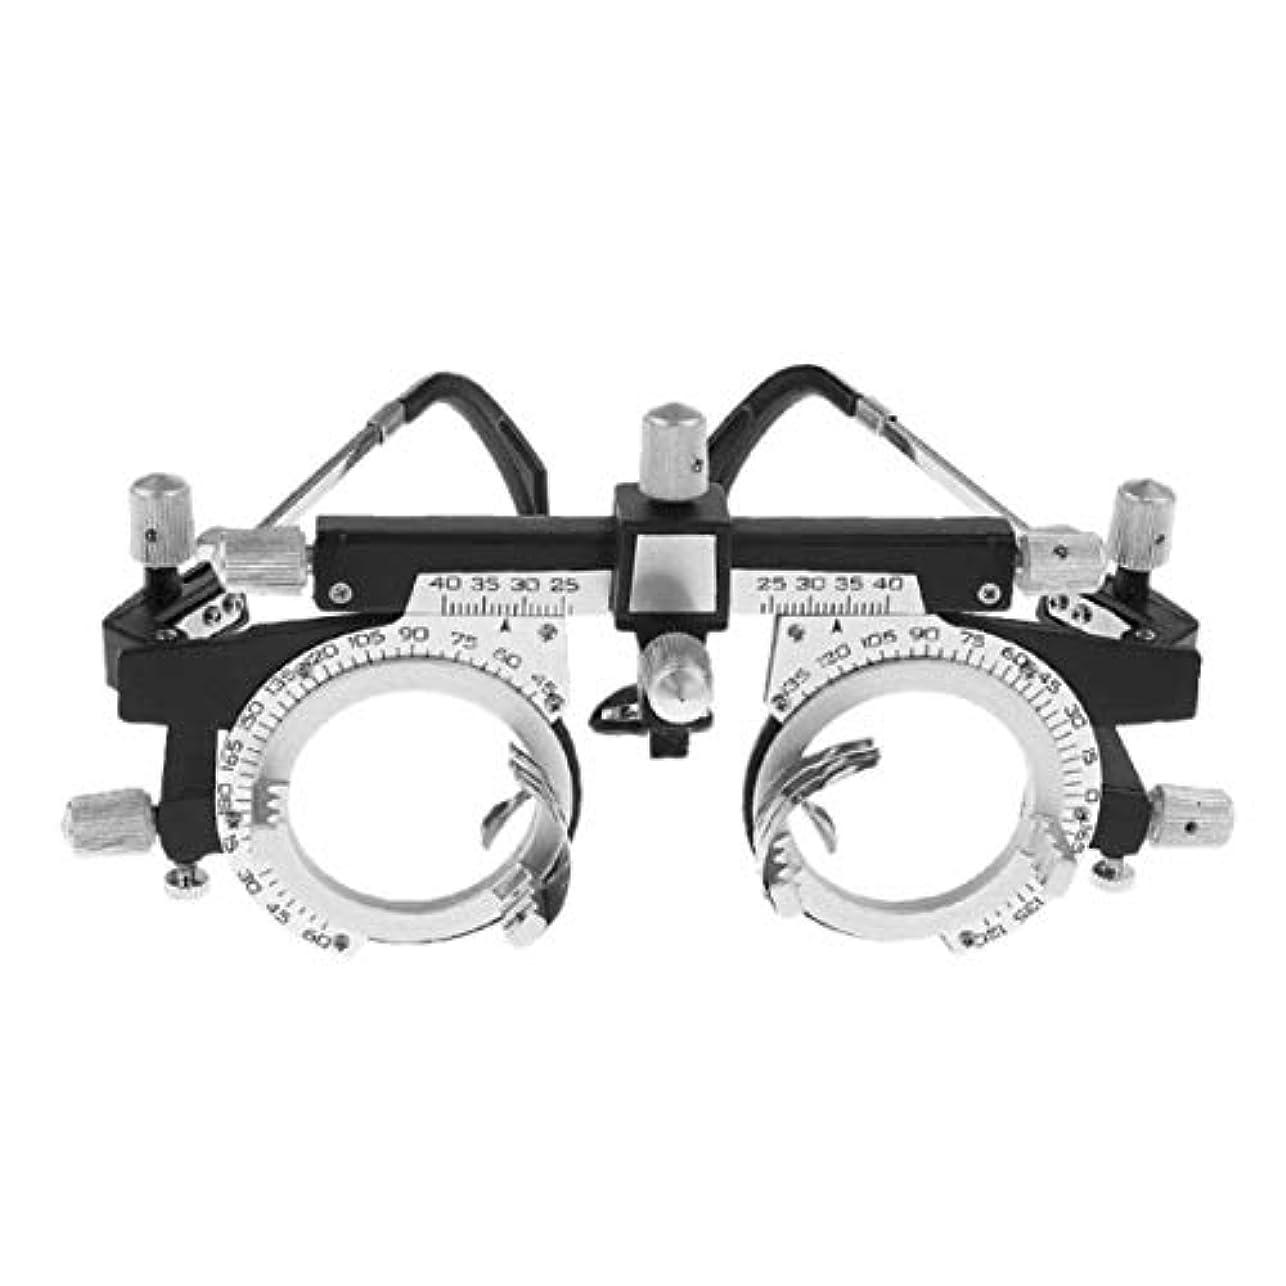 ショルダーラテンバウンス調節可能なプロフェッショナルアイウェア検眼メタルフレーム光学オプティクストライアルレンズメタルフレームPDメガネアクセサリー - シルバー&ブラック